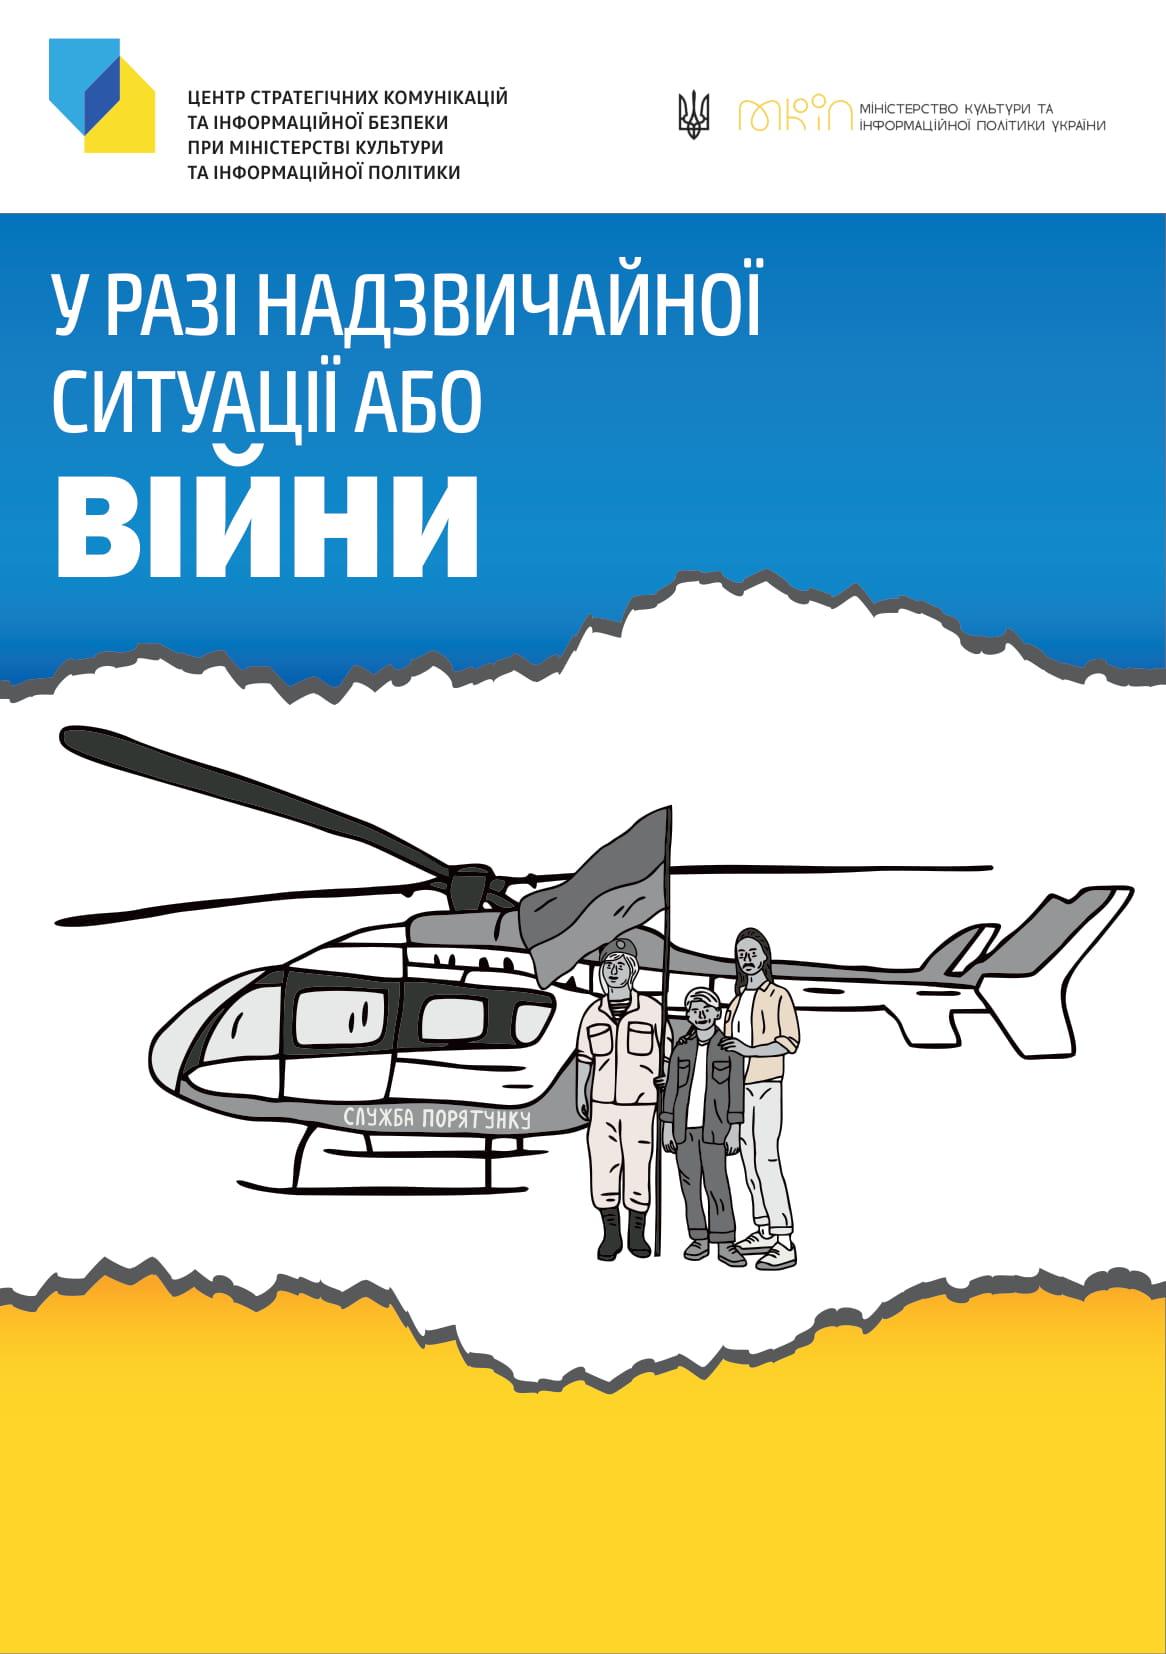 Як вижити в небезпечній ситуації і на війні: Мінкульт України підготував брошуру з порадами для громадян post thumbnail